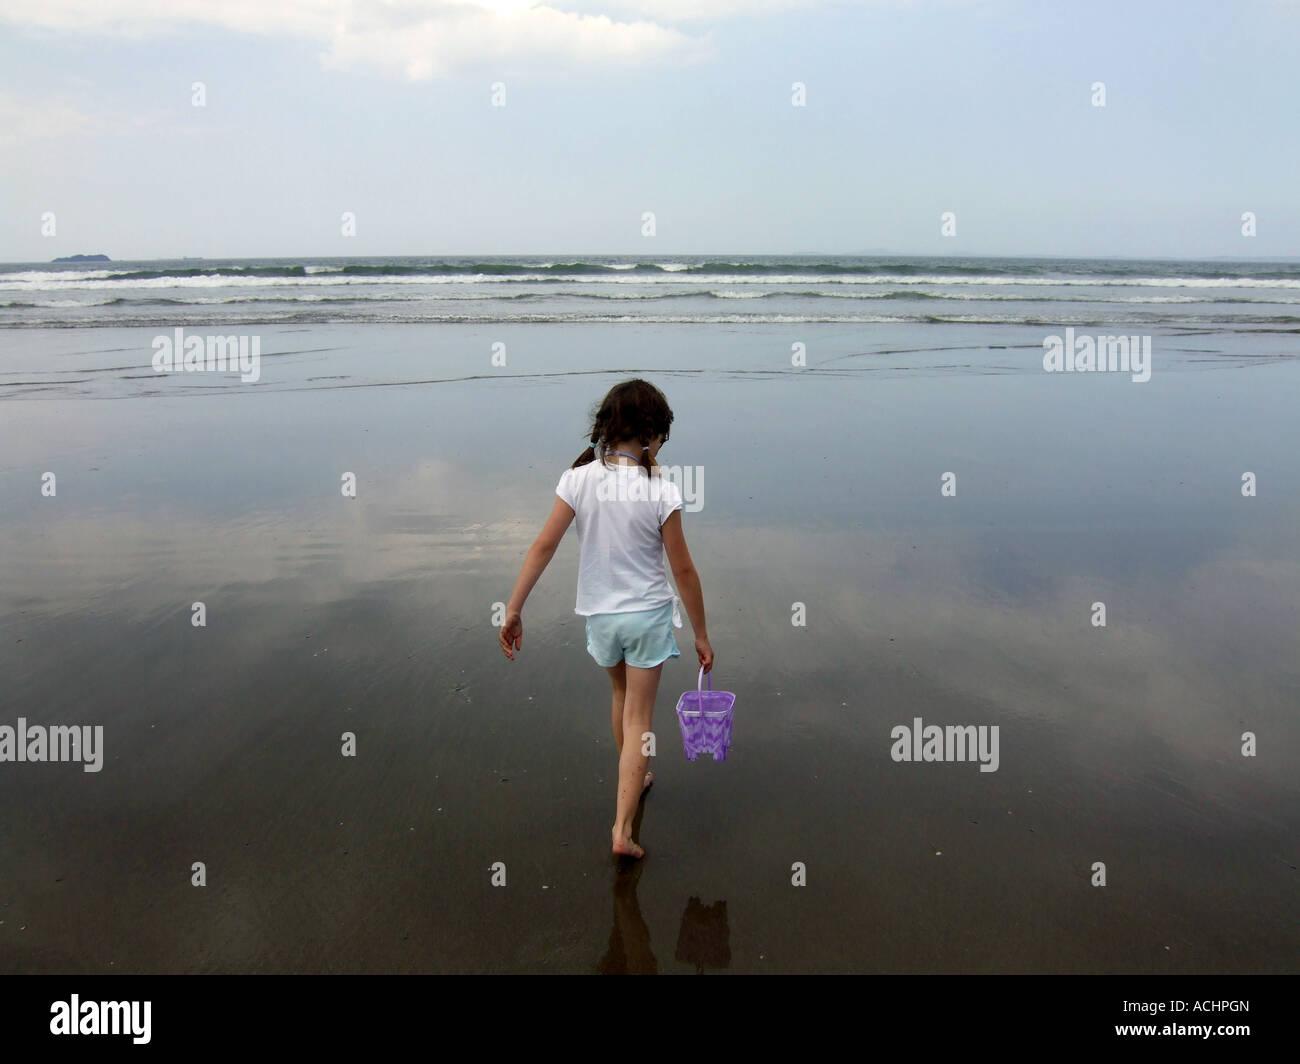 Chica caminando hacia el mar llevando una cuchara, UK Foto de stock